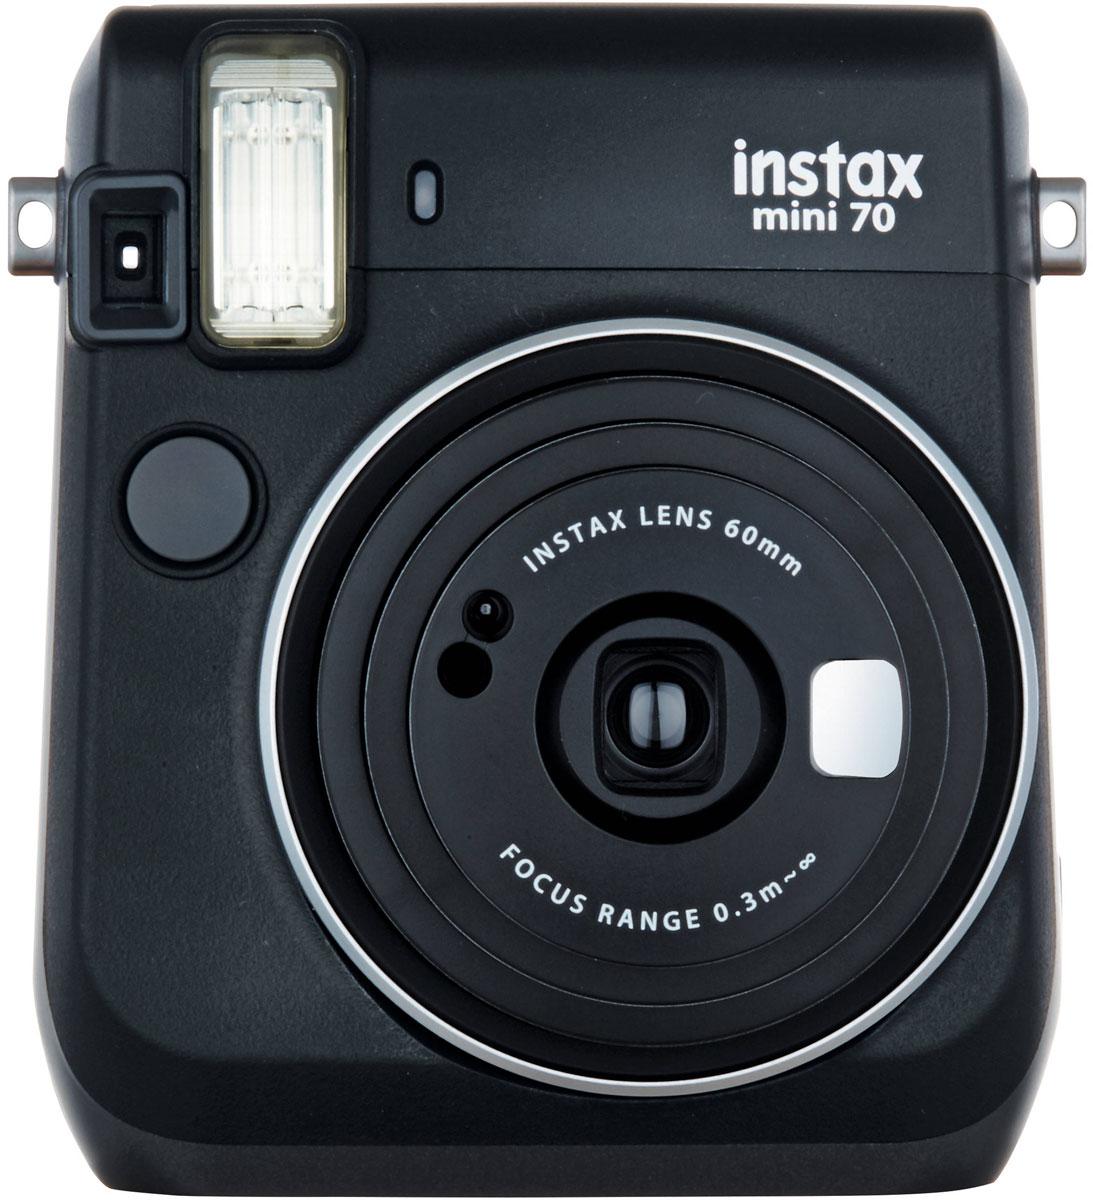 Fujifilm Instax Mini 70, Black фотокамера мгновенной печати16513877С камерой Fujifilm Instax Mini 70 вы превратите серые будни в особенные дни, наполненные улыбками. Чтобы проводить время весело, всегда и везде берите с собой этот стильный фотоаппарат.Главной особенностью камеры является функция автоматического контроля экспозиции, которая позволяет запечатлеть, как объект съемки, так и фон в их естественной освещенности. Помимо этого Instax Mini 70 может похвастаться отдельным режимом съемки для создания cелфи.Использование режима selfie обеспечивает оптимальную яркость и расстояние для съемки автопортретов. Вы также можете проверить кадрирование в специальном зеркальце рядом с объективом.Высокопроизводительная вспышка автоматически определяет яркость окружающего освещения и устанавливает оптимальную выдержку - специальные настройки не требуются!С помощью функции Hi-Key можно запечатлеть яркие, красивые тона кожи. Также имеются режимы для съемки макро и пейзажей. Для максимального удобства также предусмотрена заполняющая вспышка и стандартное штативное гнездо.Используемая фотопленка: Fujifilm Instax MiniРазмер фотографии: 62 х 46 ммУправление экспозицией: автоматическоеКоррекция экспозиции: ±2/3 EVПитание: CR2/DL CR2 х 2Ресурс батарей: 30 упаковок фотобумаги (по результатам исследований Fujifilm)